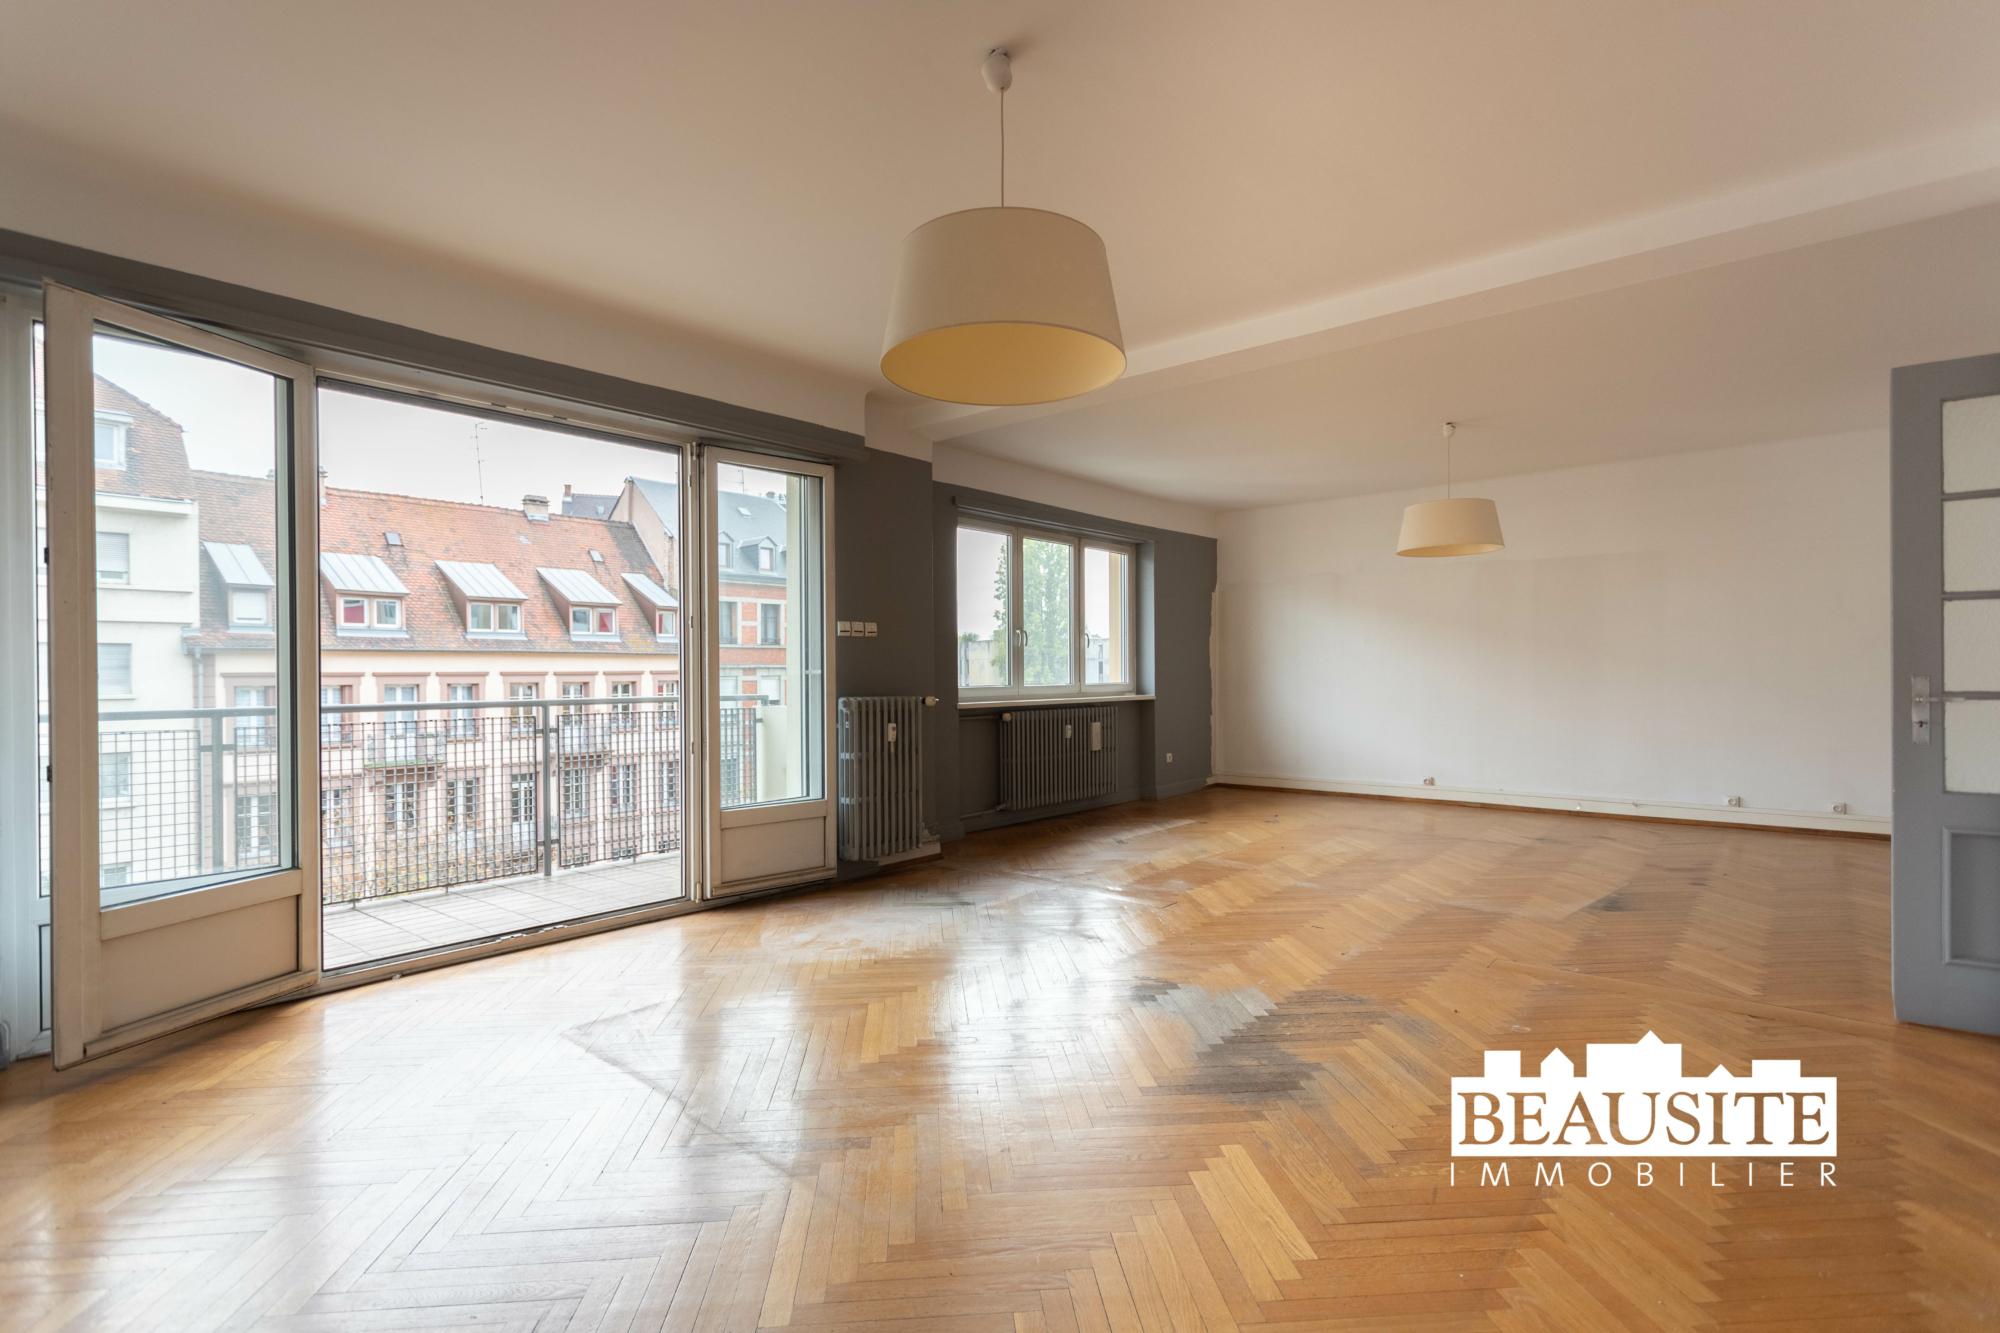 [Prosper] Le local professionnel qu'il vous faut… pour que votre activité prospère ! - Strasbourg / boulevard Wilson - nos ventes - Beausite Immobilier 3